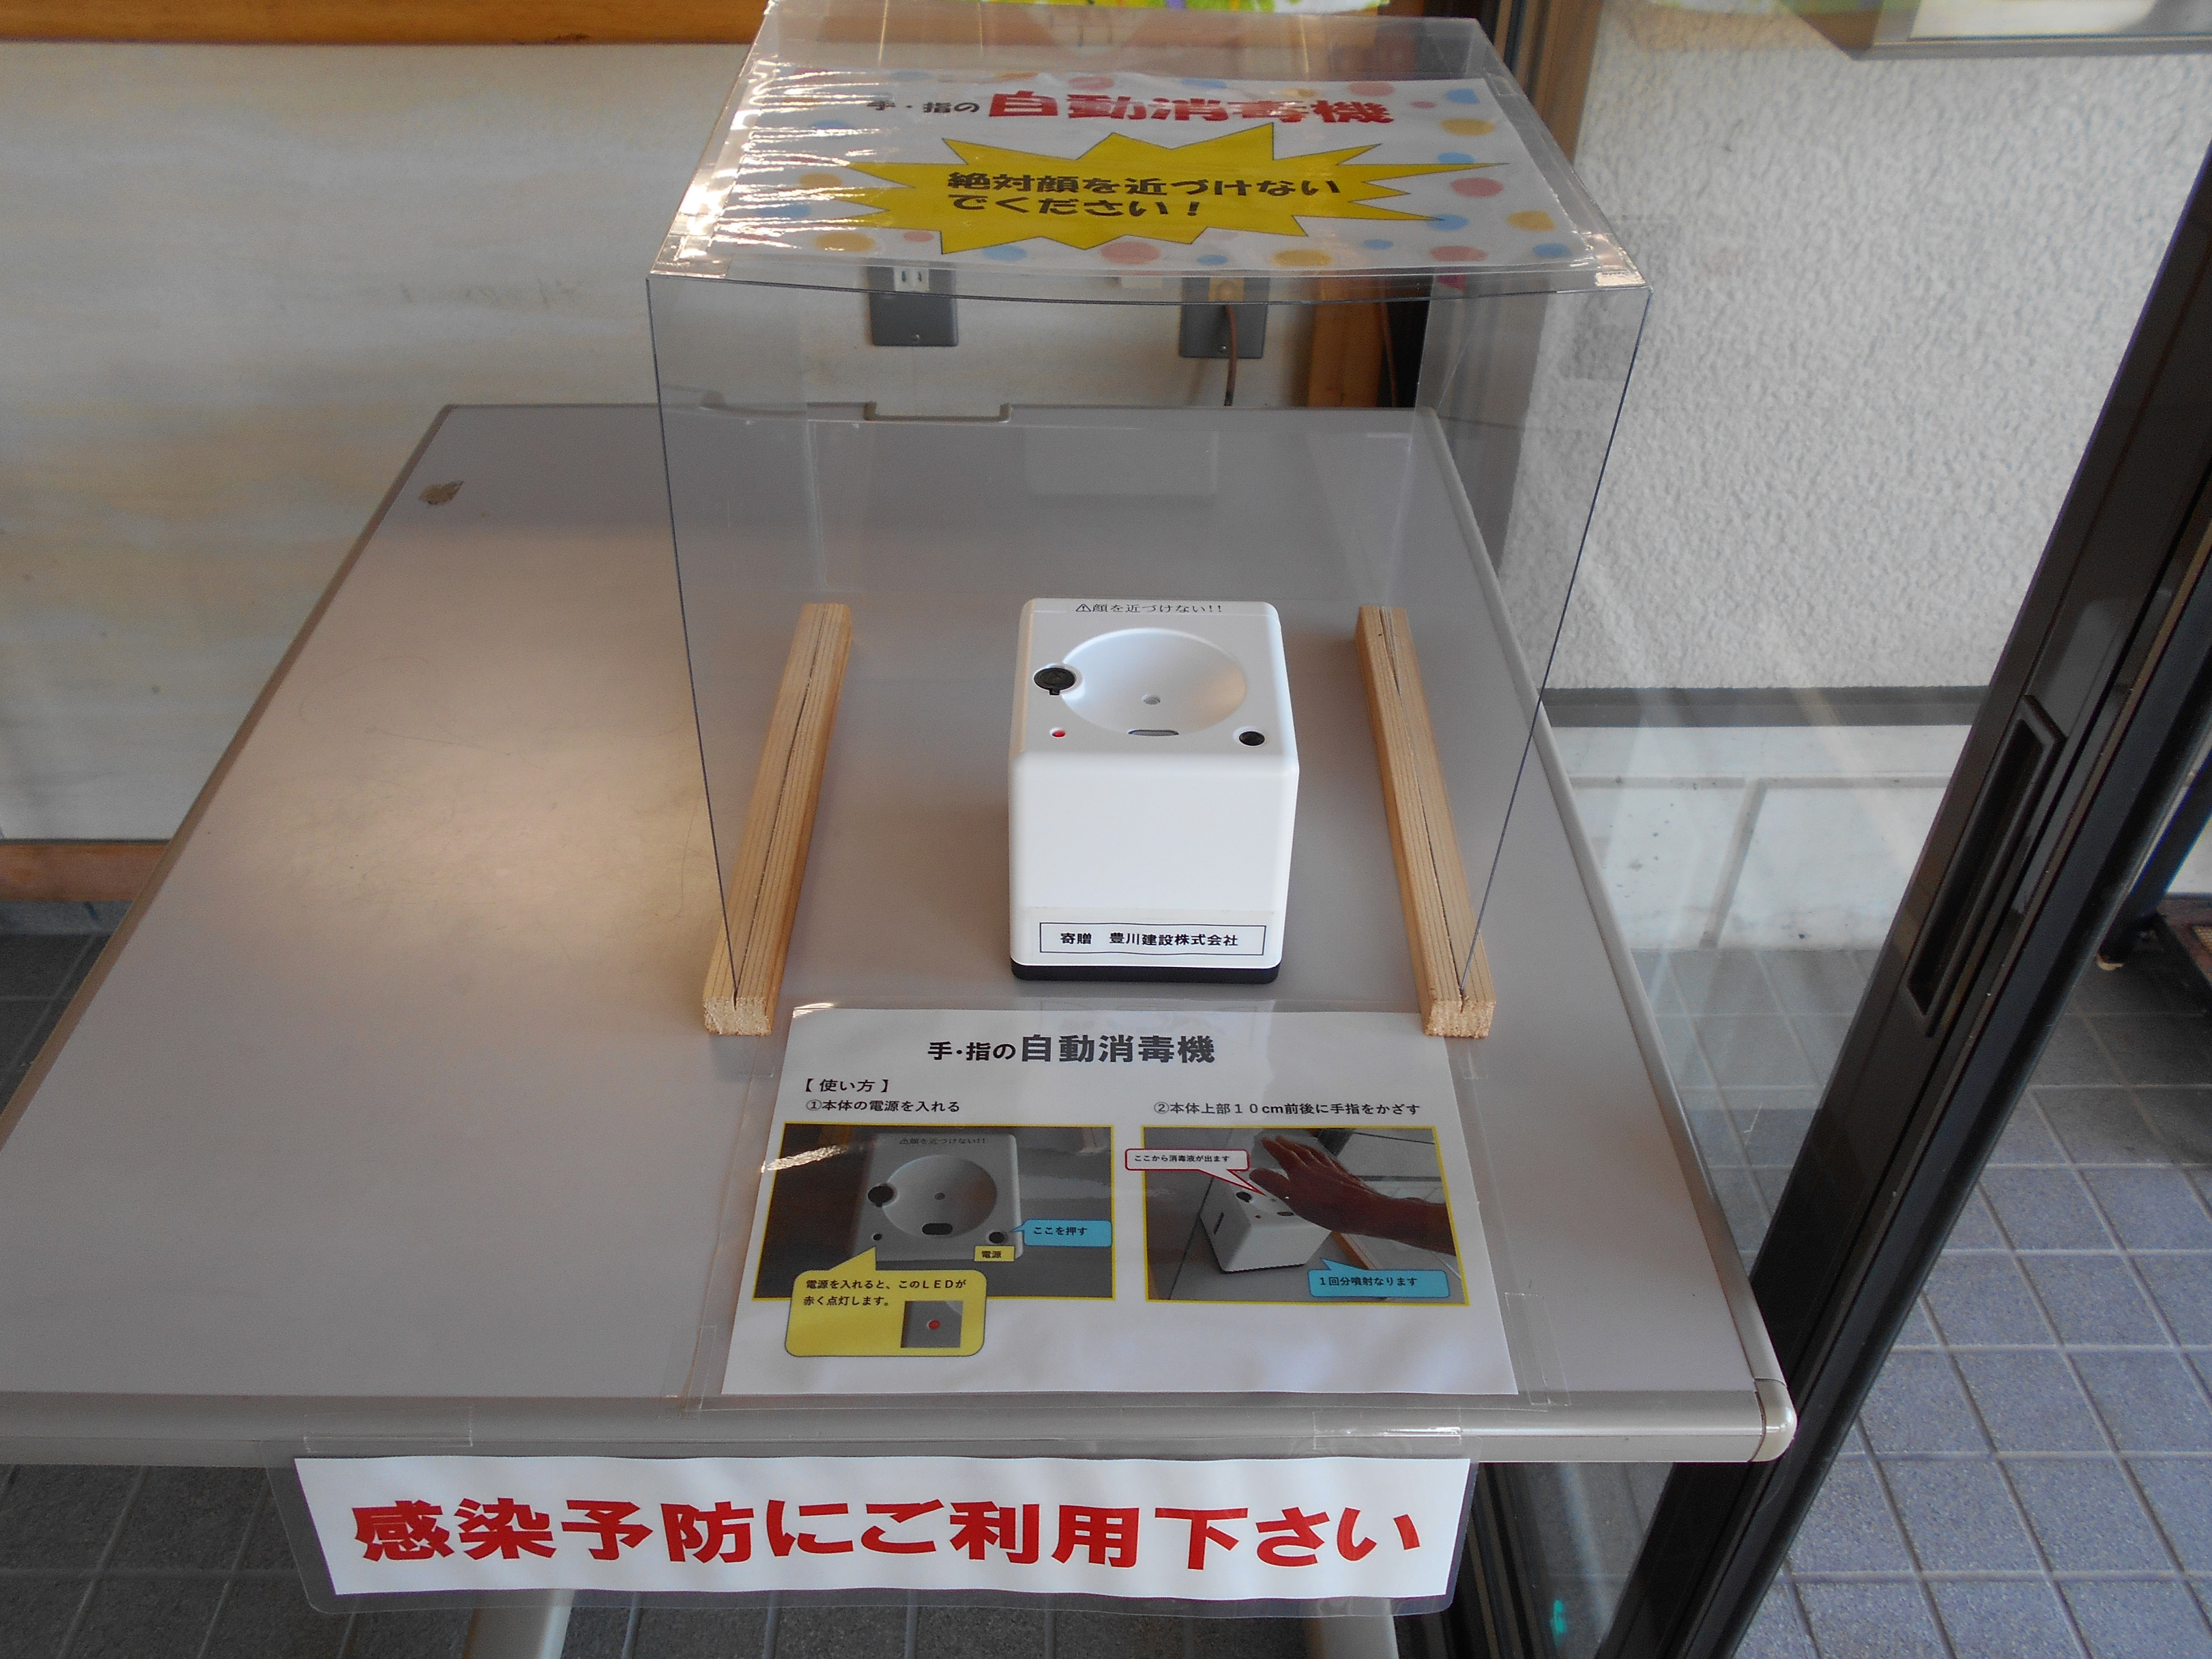 手・指のアルコール消毒自動噴霧機器設置(西部地区公民館):画像